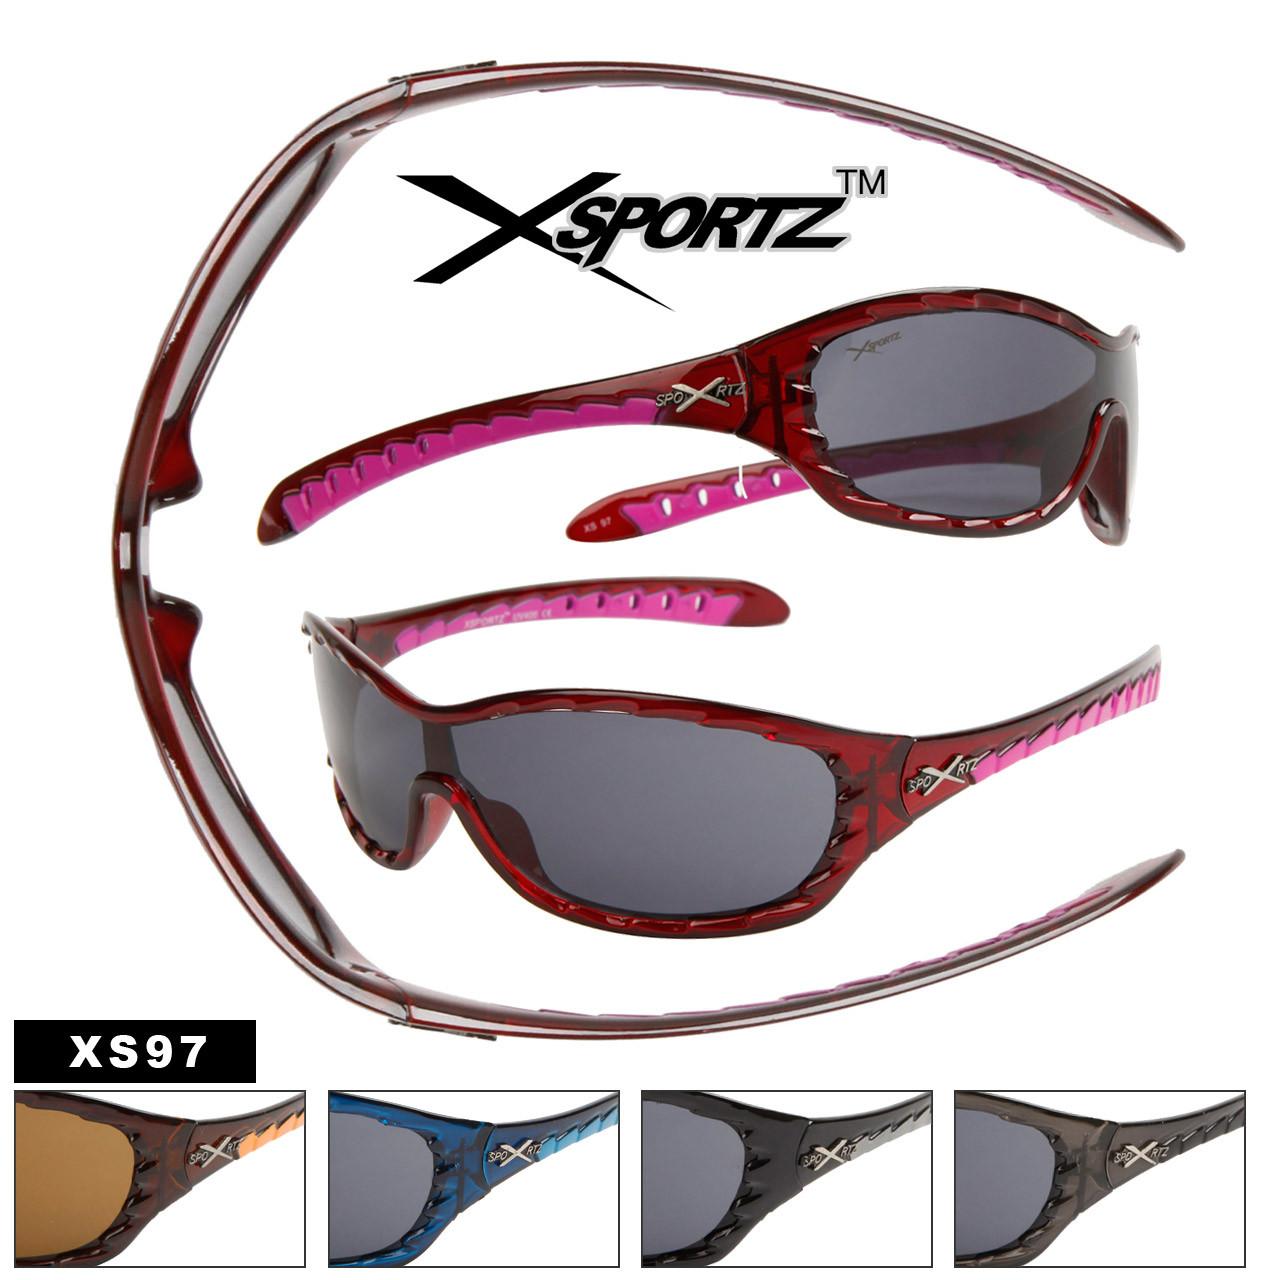 Sunglasses for Men XS97